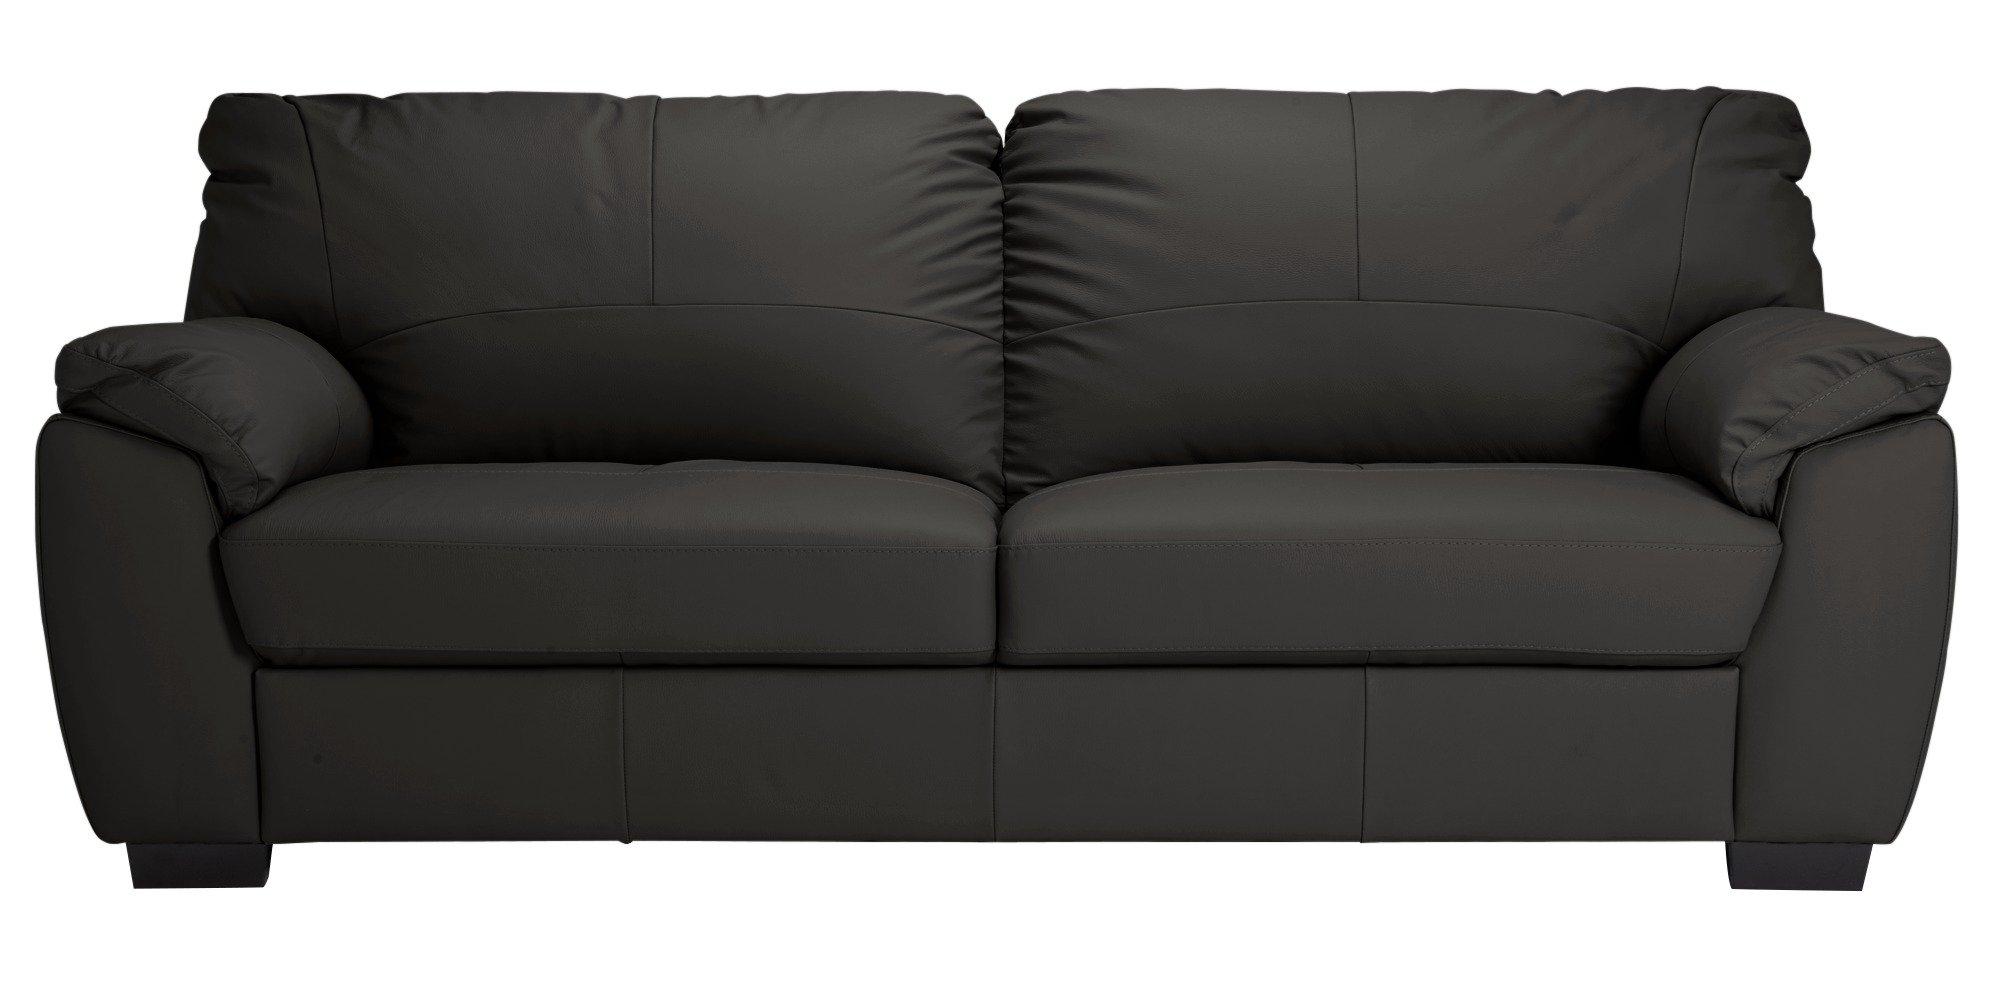 Argos Home Milano 4 Seater Leather Sofa - Black